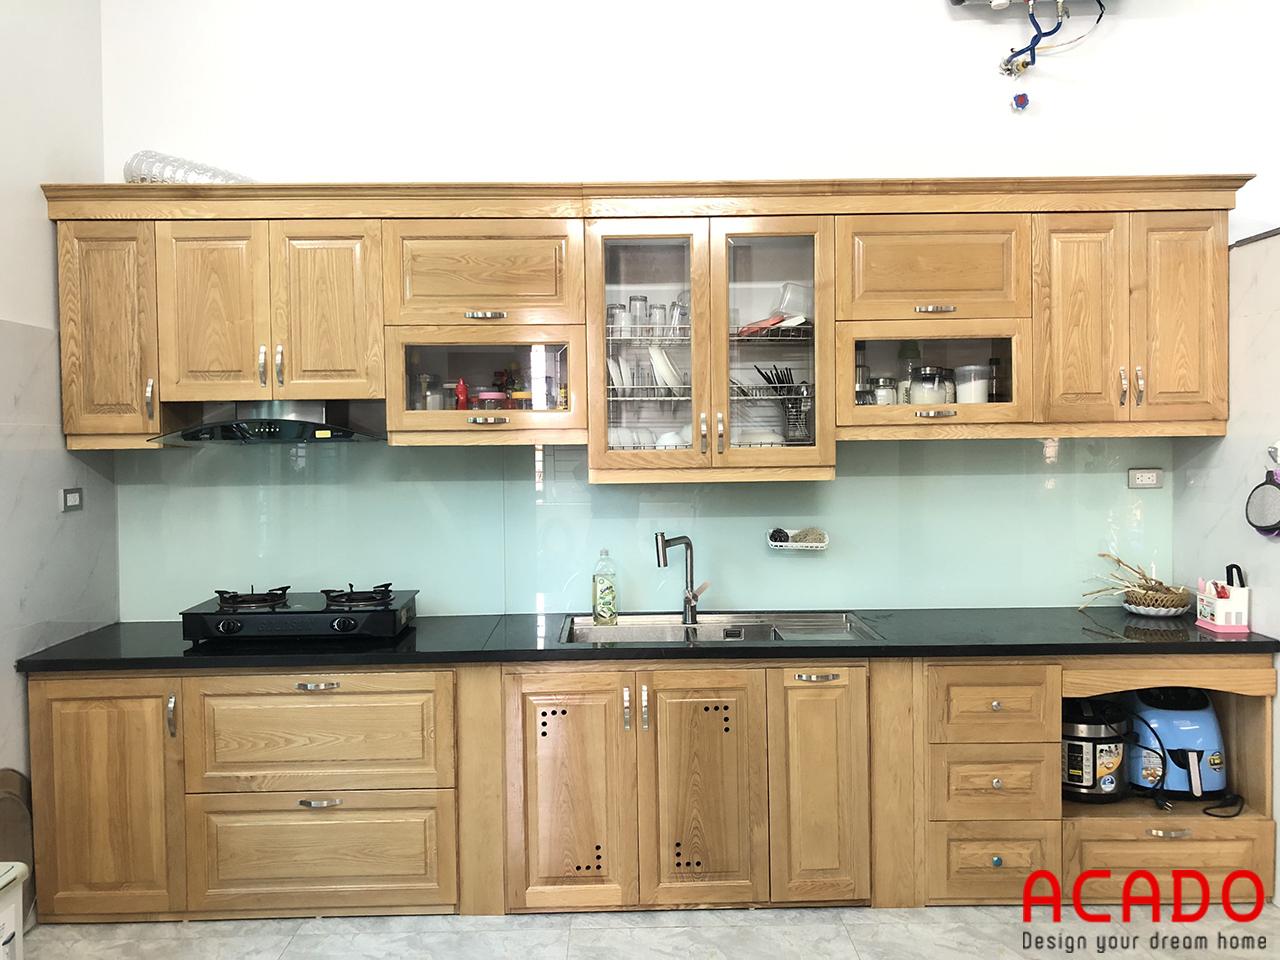 ACADo chuyên thi công và lắp đặt tủ bếp gỗ sồi Nga uy tín tại Hà Nội